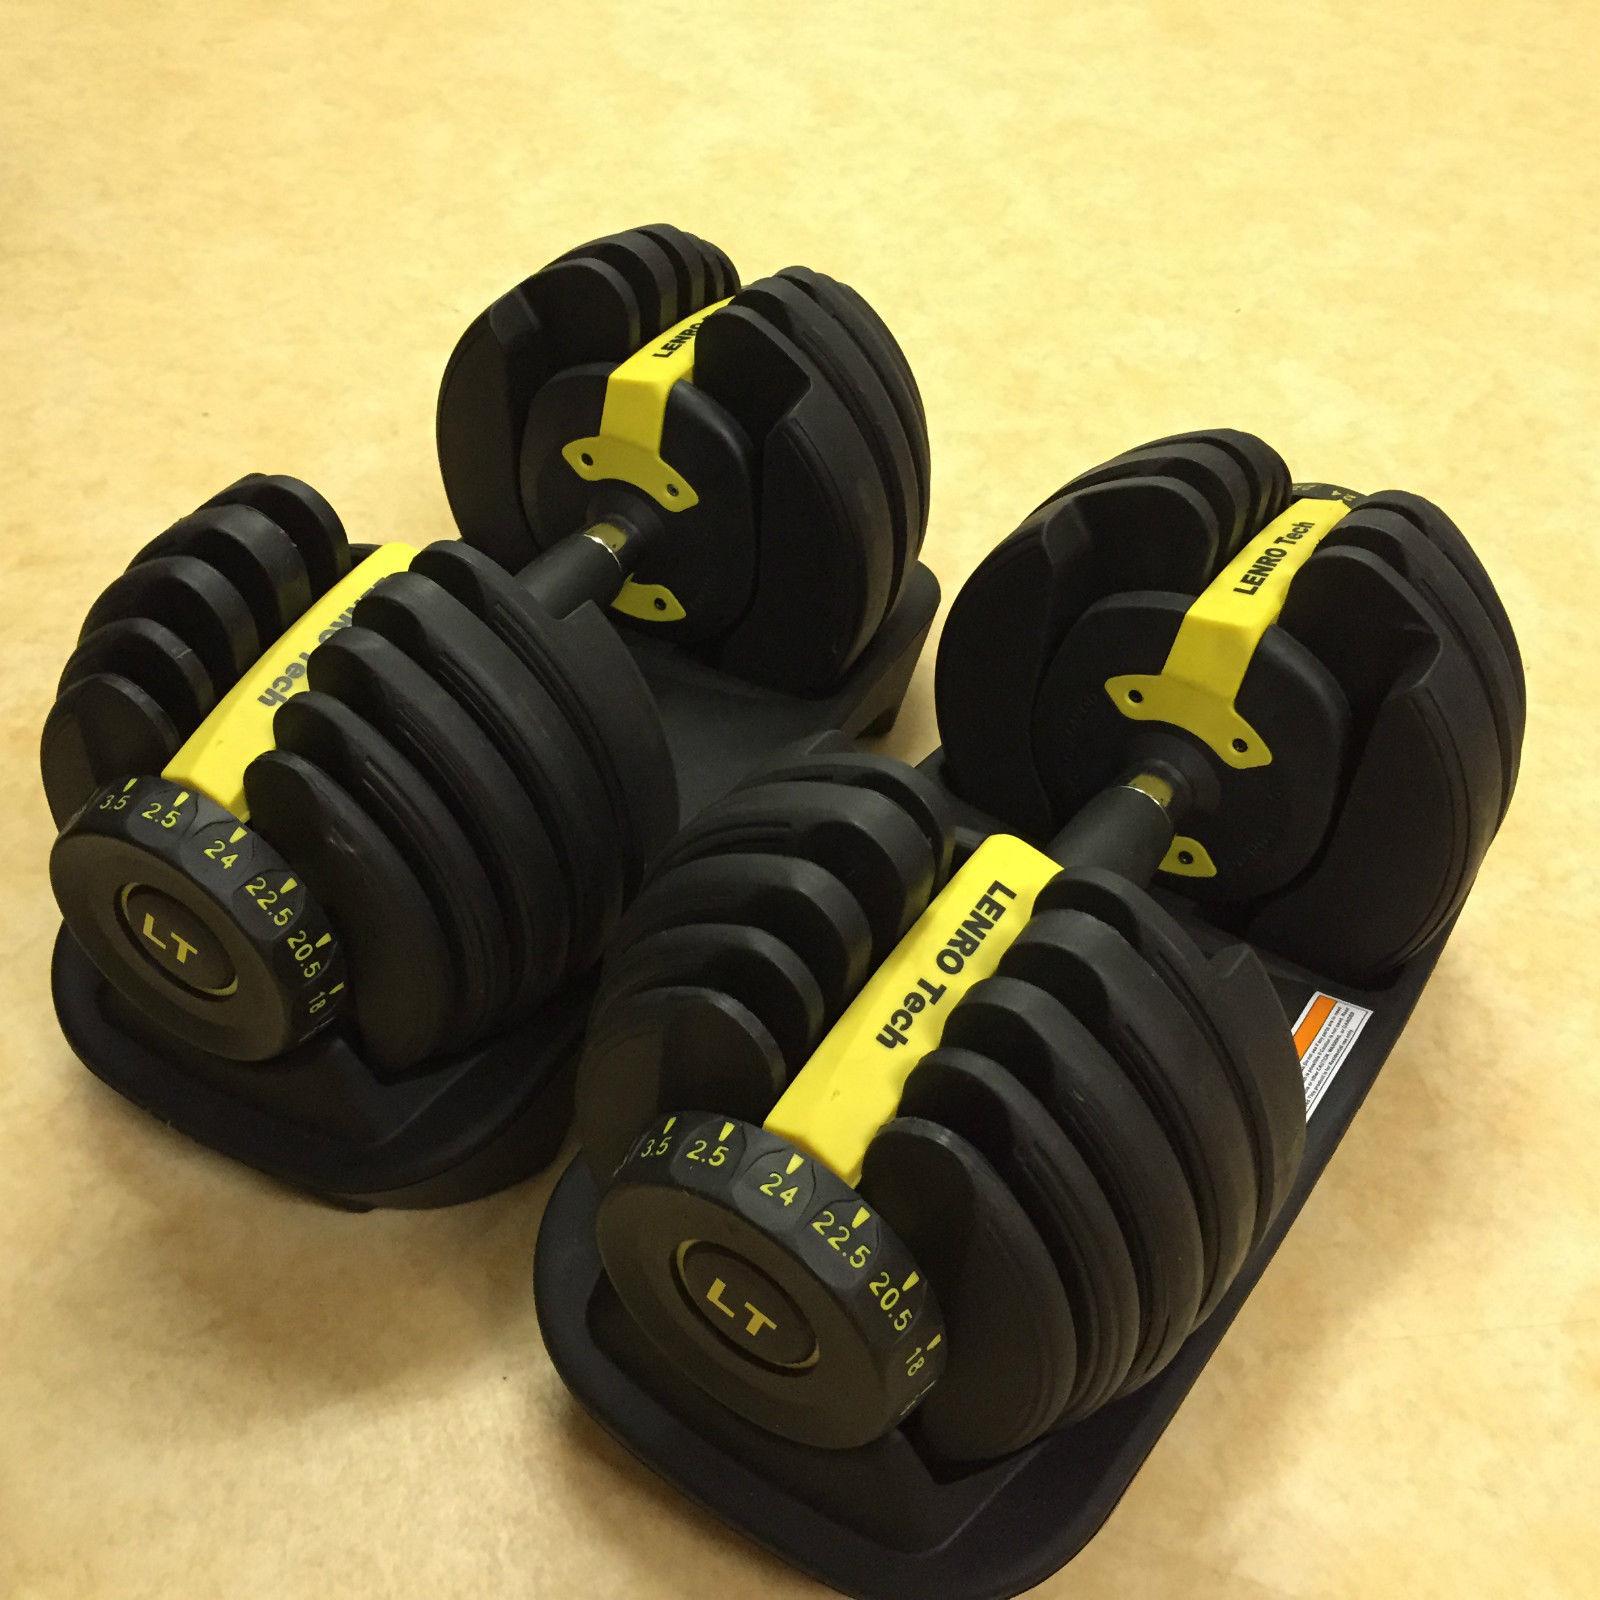 Hantel-Set à 5-40.5 kg, 17 Abstufungen: Hantel-System